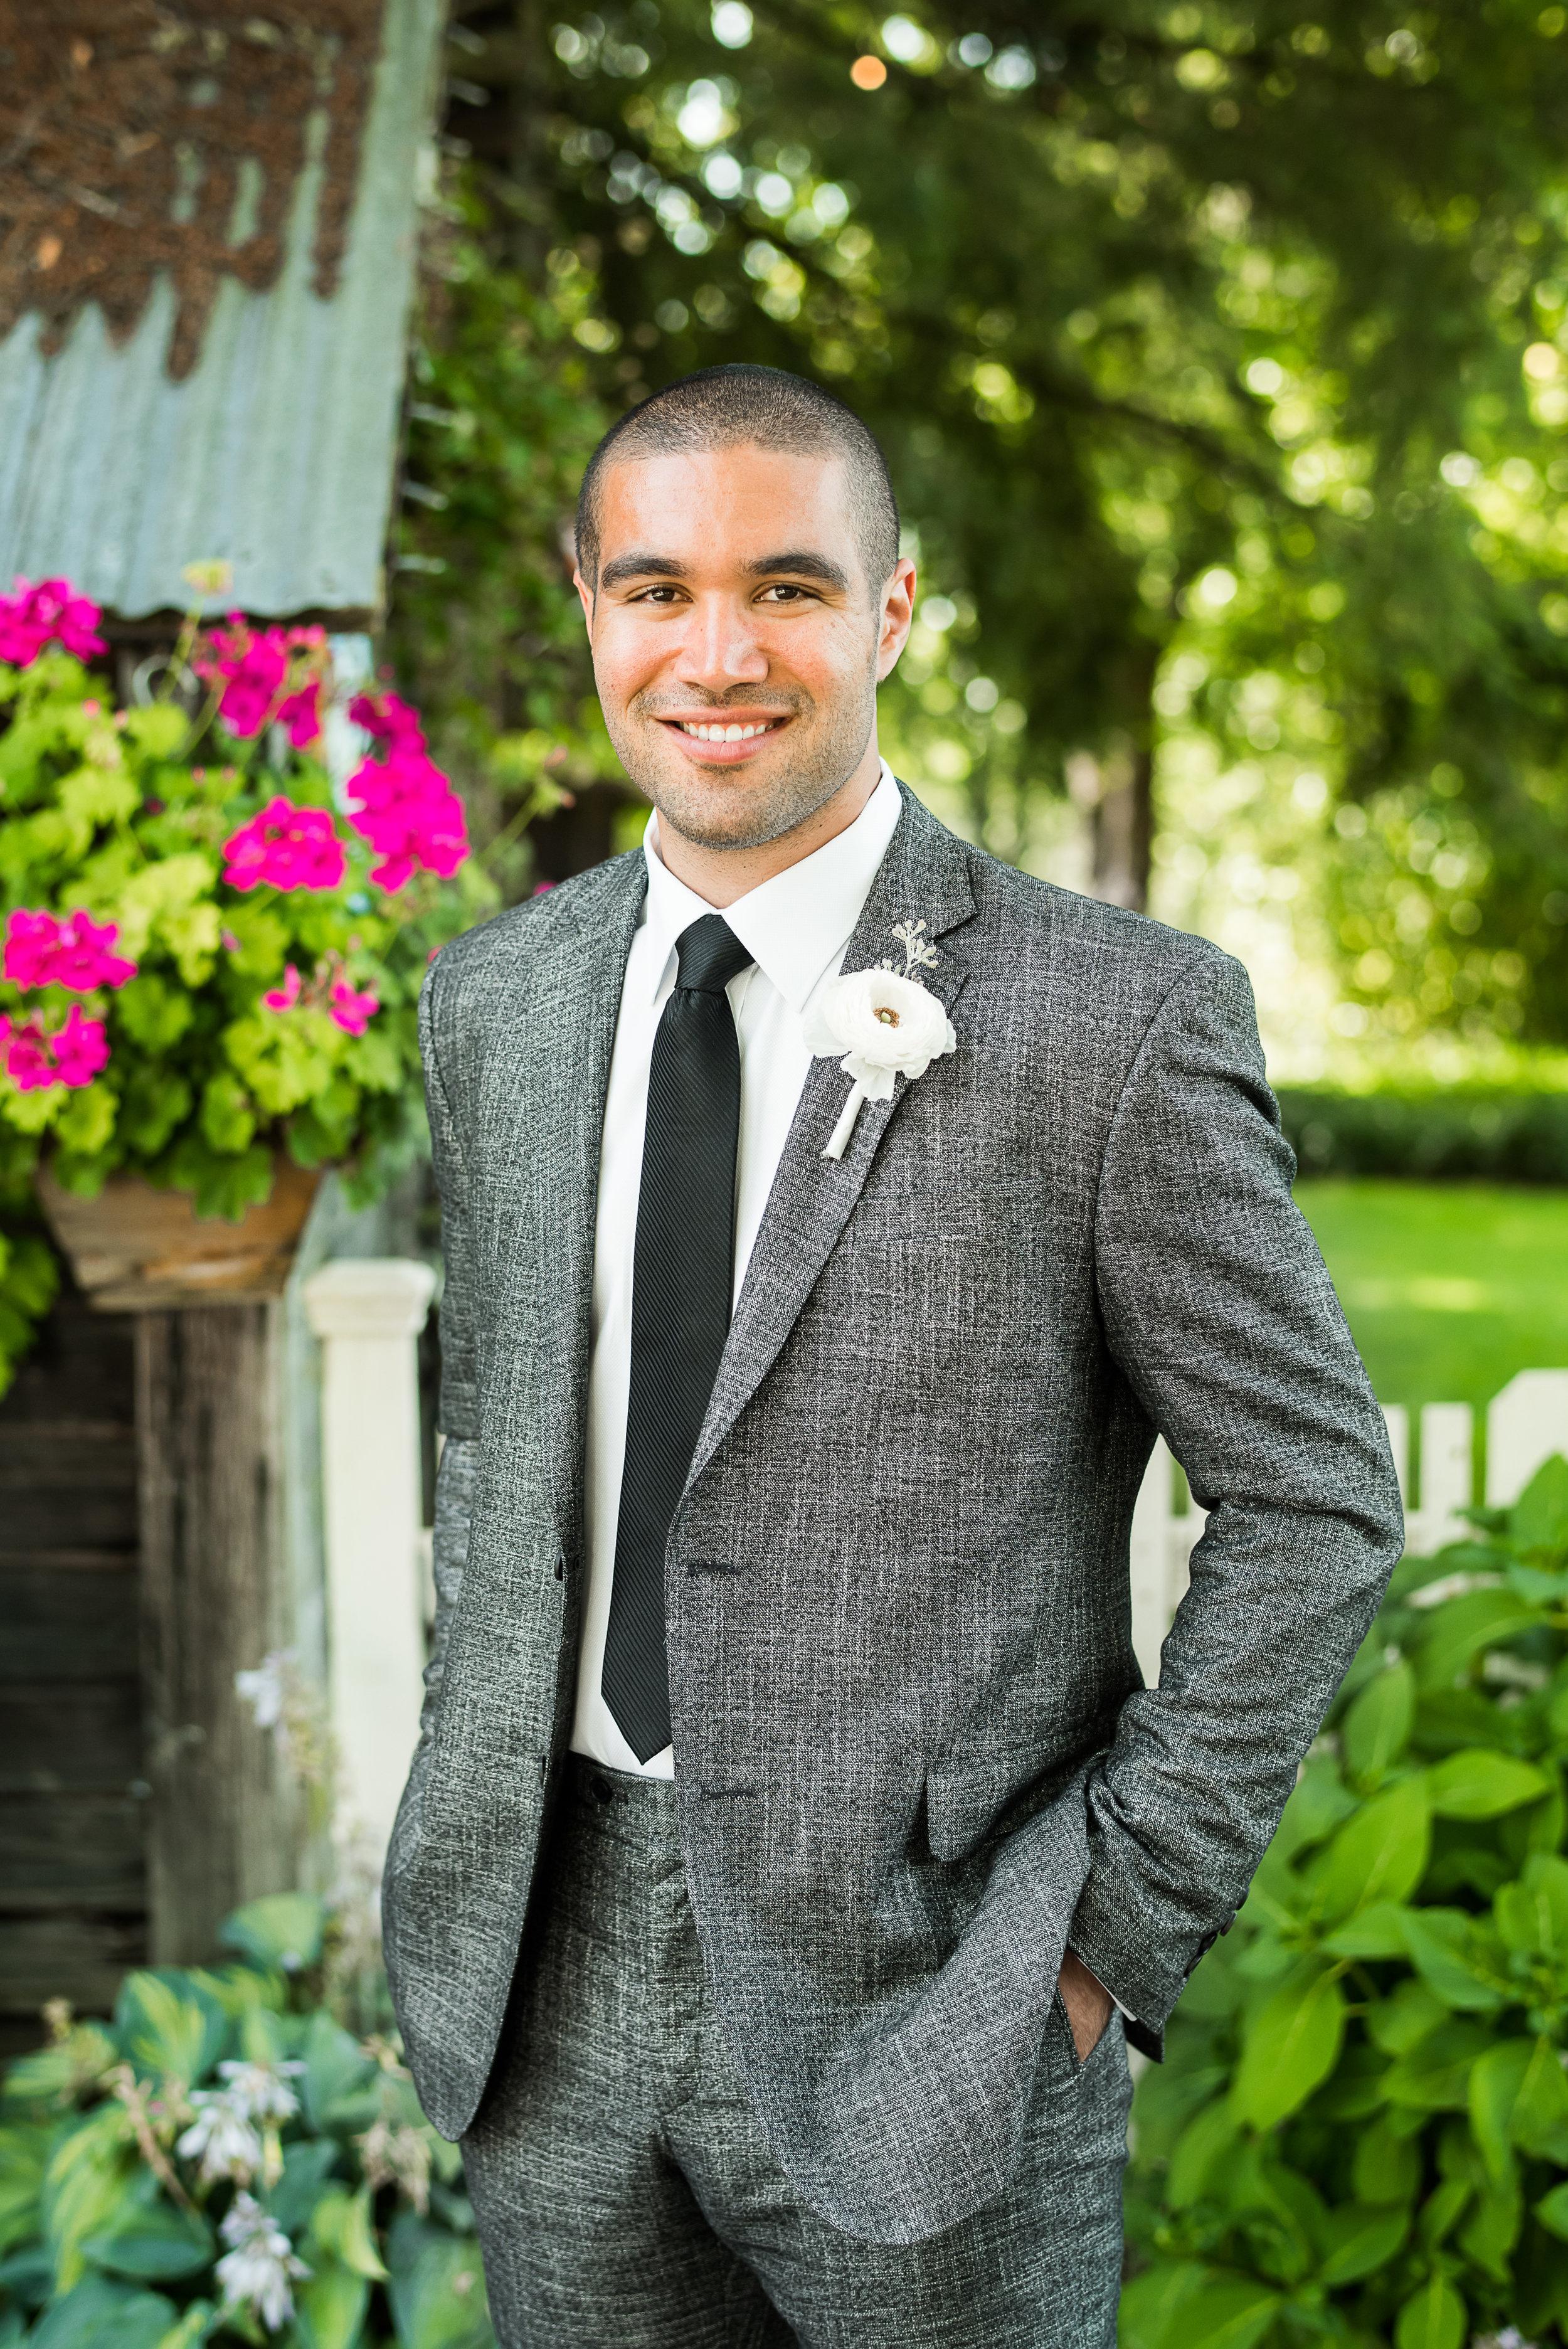 HA-wedding-Van-Wyhe-Photography-124.jpg